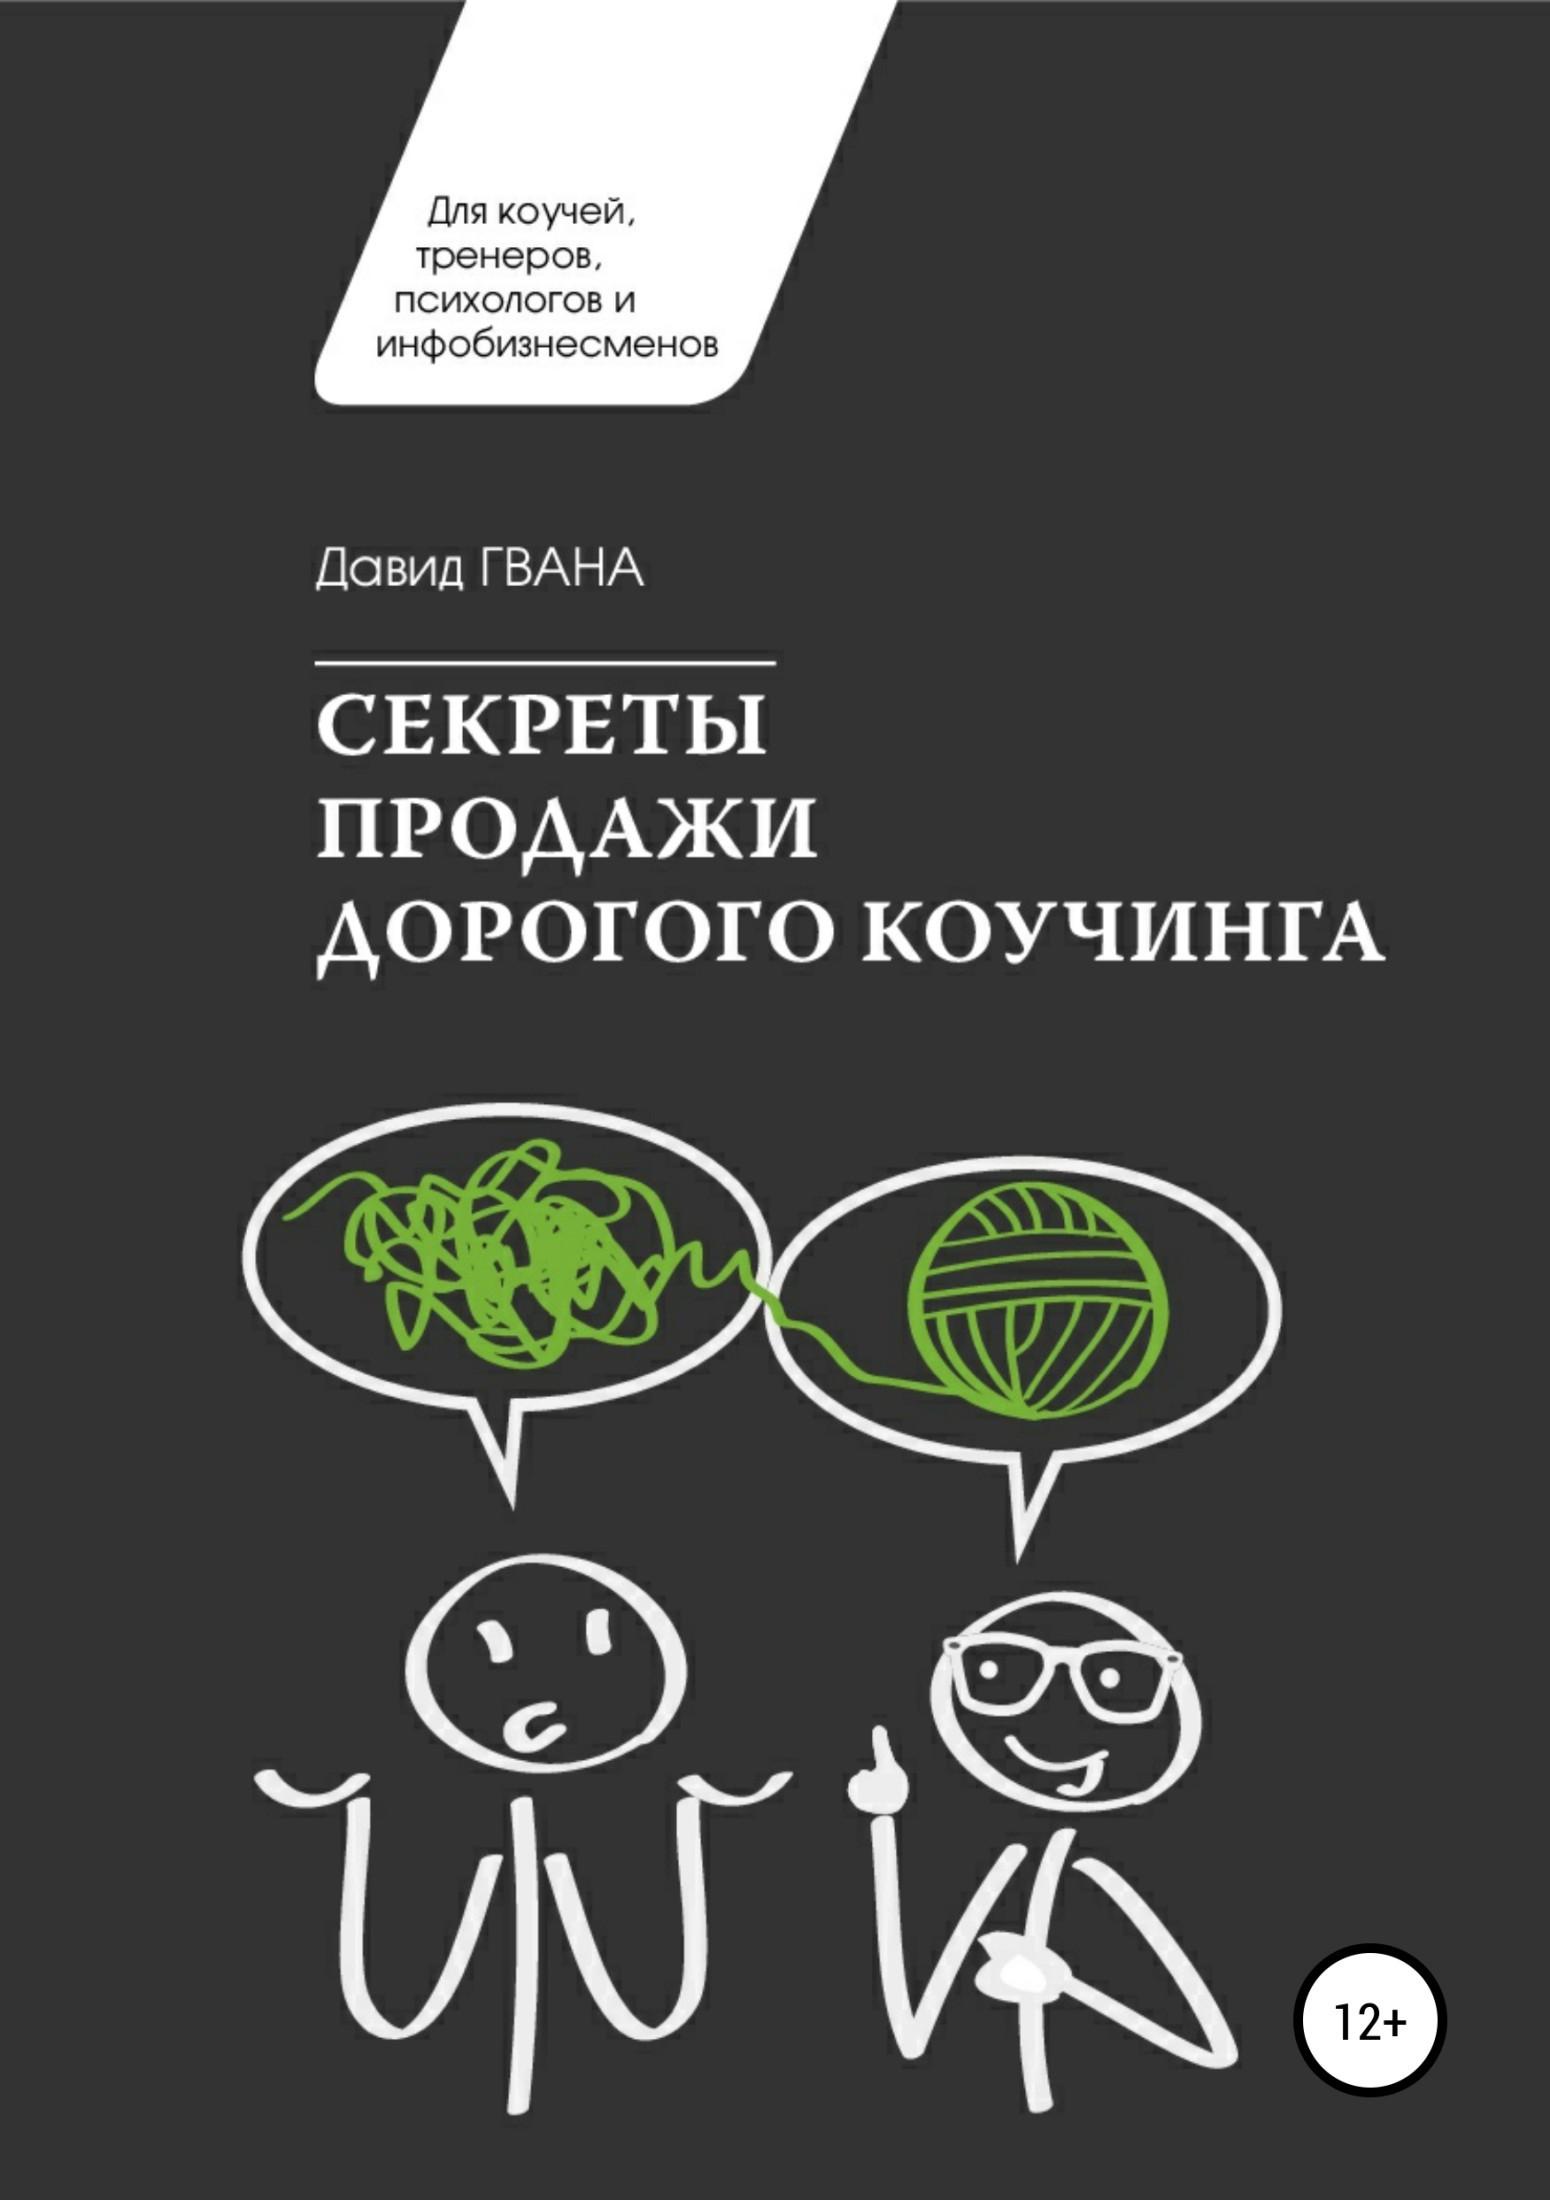 Обложка книги Секреты продажи дорогого коучинга